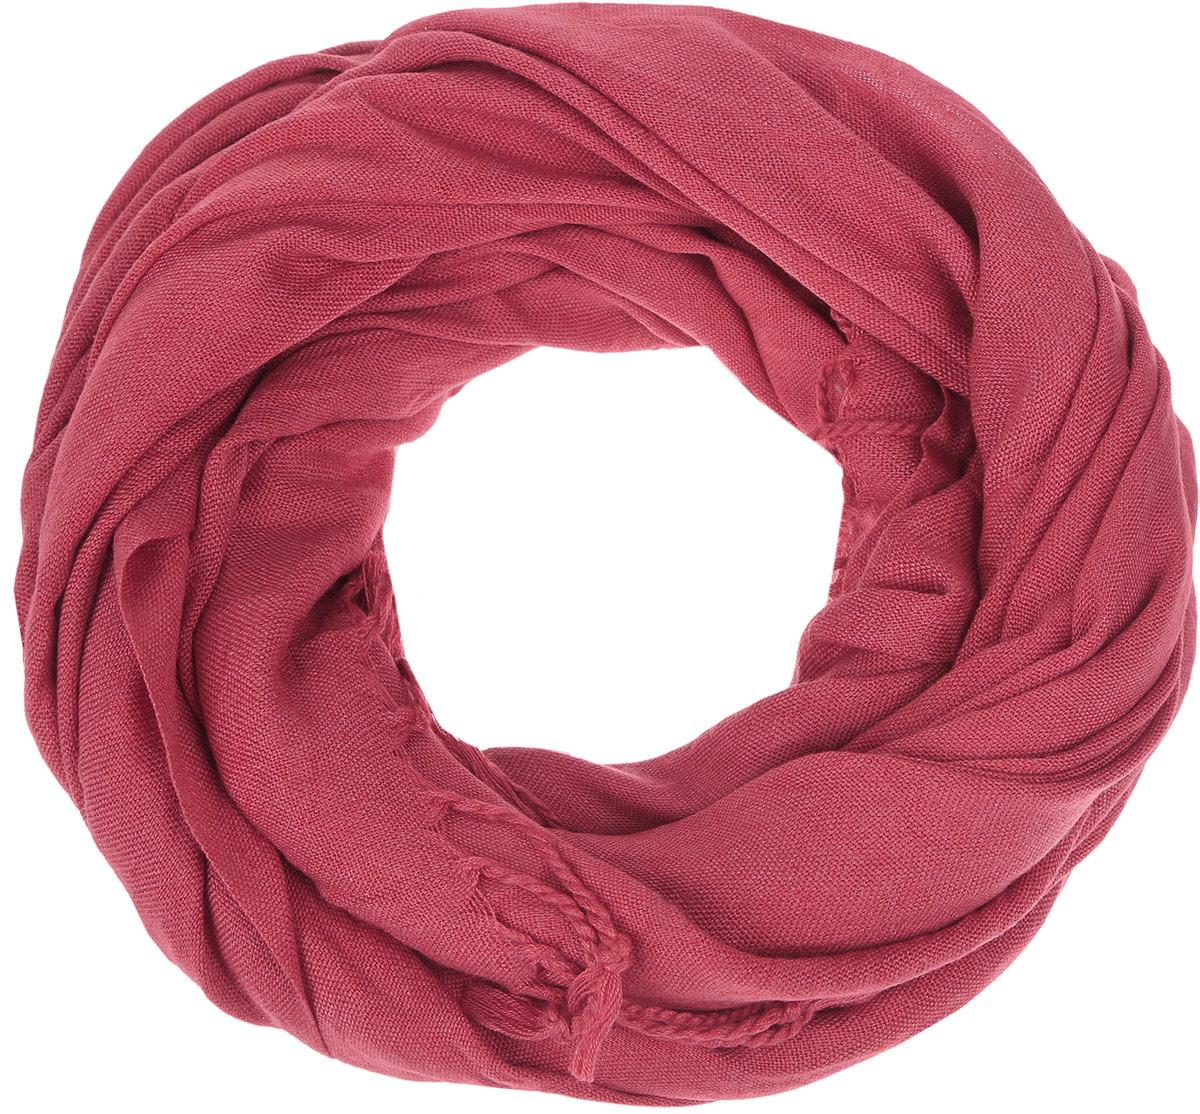 SCw-142/442-6302Модный женский шарф Sela подарит вам уют и станет стильным аксессуаром, который призван подчеркнуть вашу индивидуальность и женственность. Шарф выполнен из полиэстера с добавлением вискозы, он невероятно мягкий и приятный на ощупь. Шарф украшен бахромой в виде жгутиков по краям. Этот модный аксессуар гармонично дополнит образ современной женщины, следящей за своим имиджем и стремящейся всегда оставаться стильной и элегантной. Такой шарф украсит любой наряд и согреет вас в непогоду, с ним вы всегда будете выглядеть изысканно и оригинально.